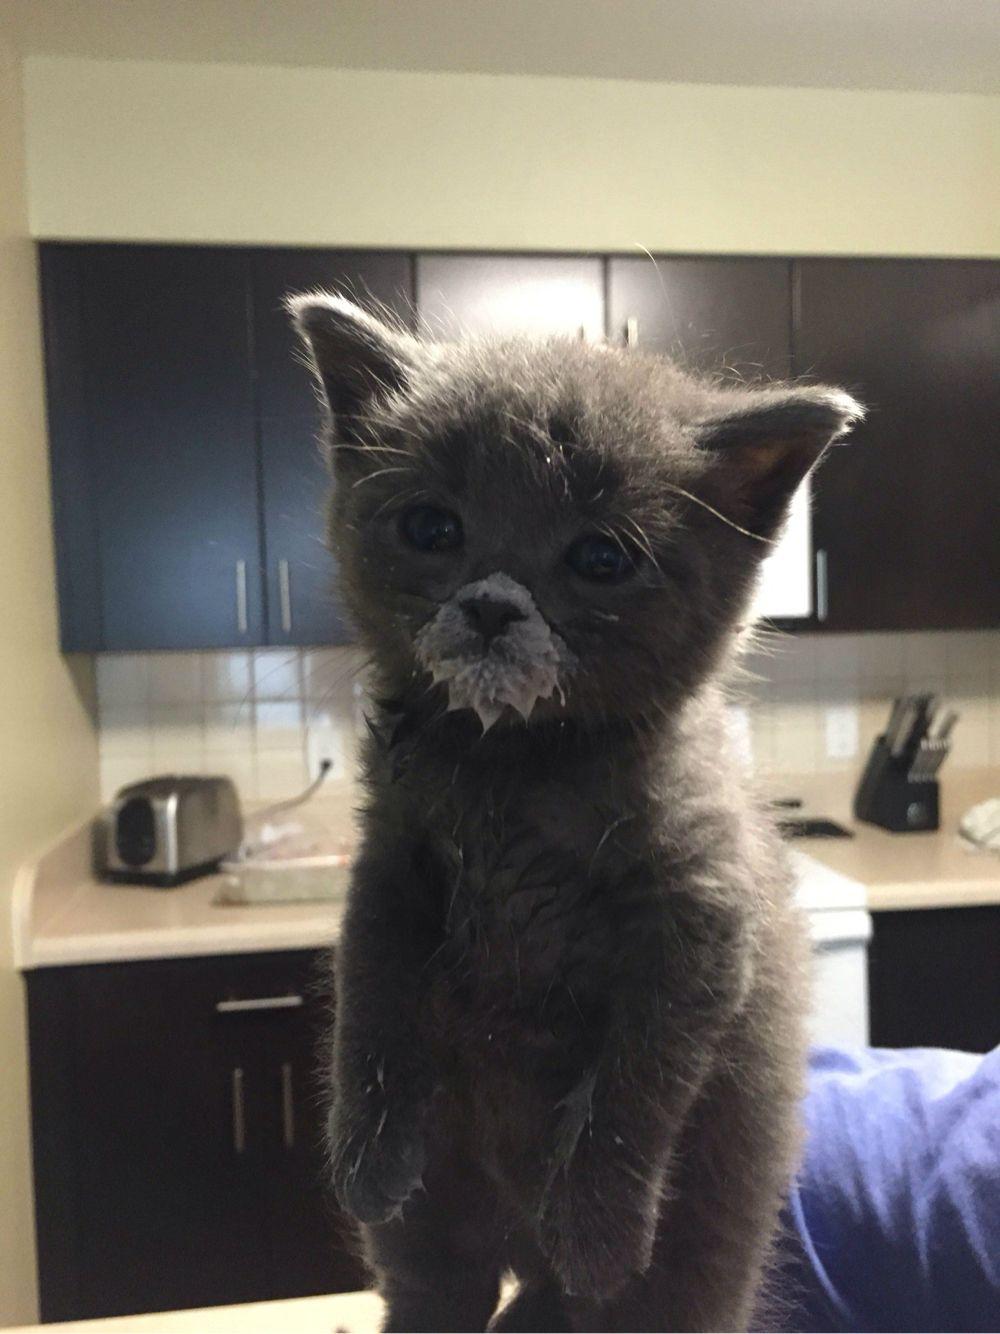 Kitten Milk Beard Kittens Cutest Cute Cats Cats And Kittens